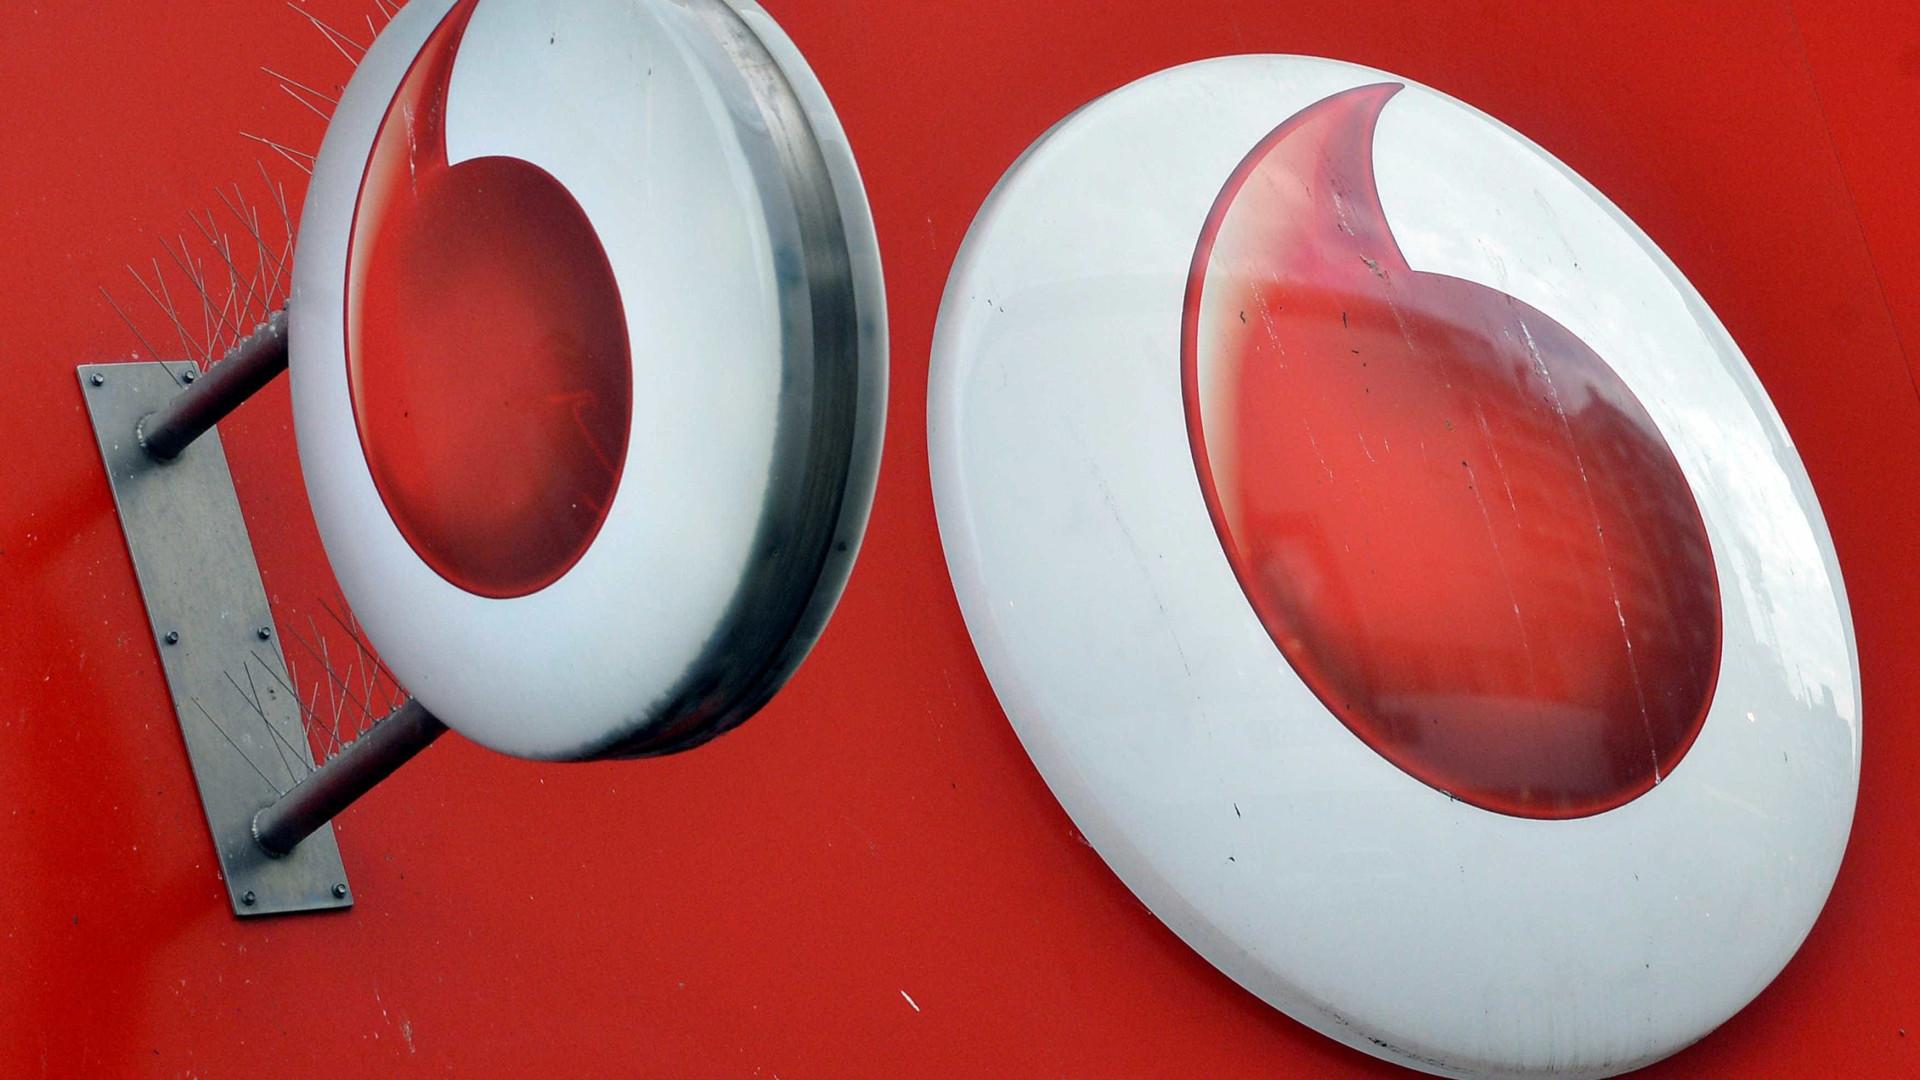 Venda da TVI: Vodafone aplaude desfecho e retira ações contra negócio